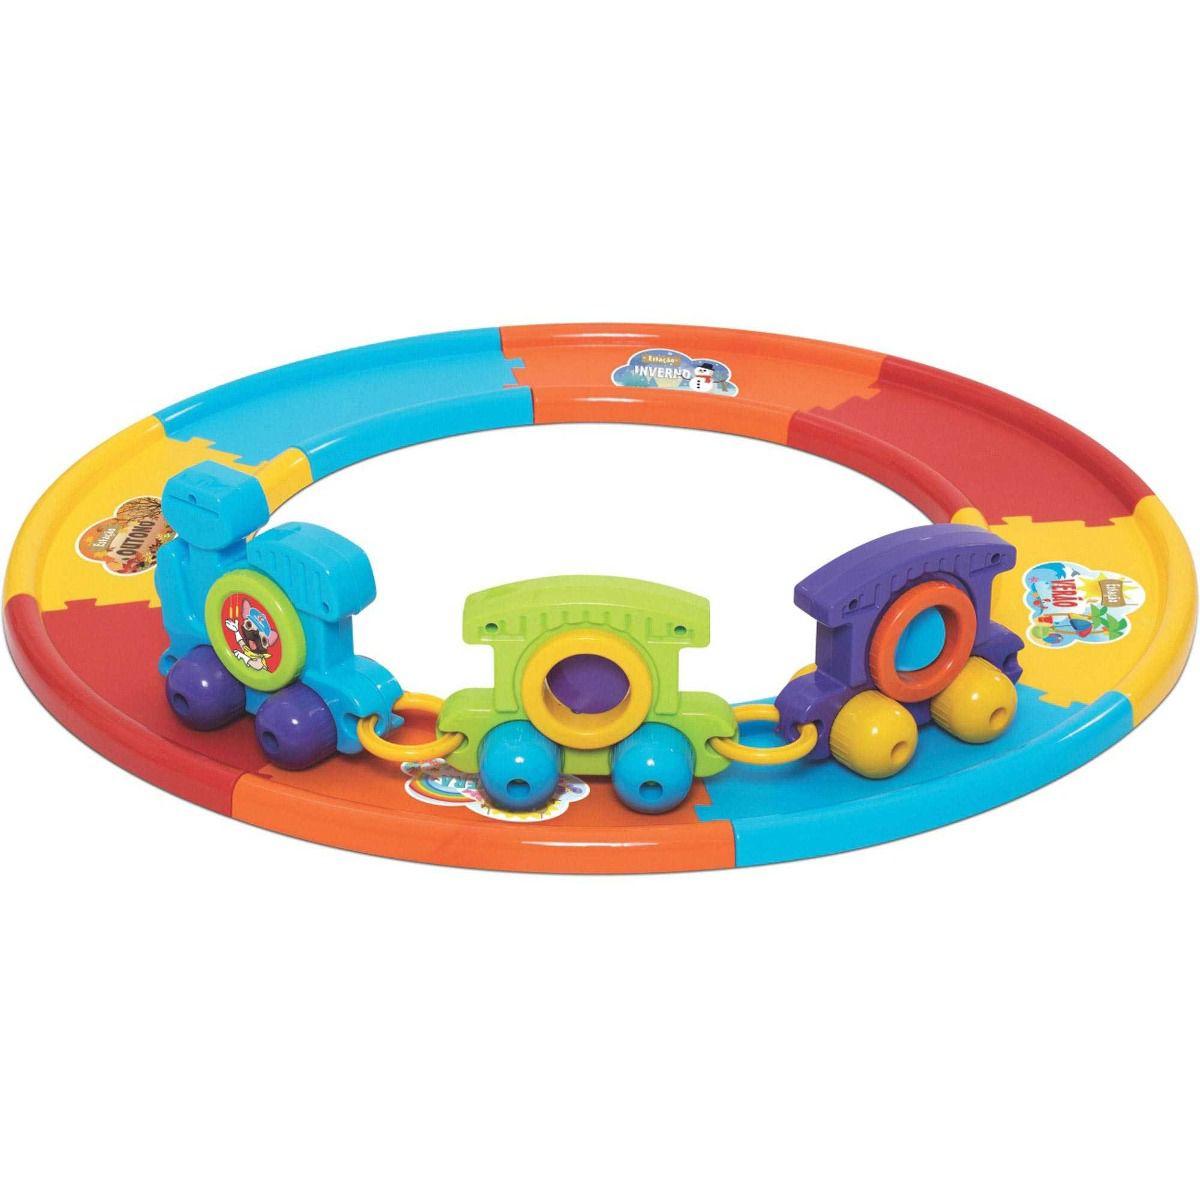 Babytrain Express Com 8 Trilhos Brinquedo para Bebe Trem Merco Toys